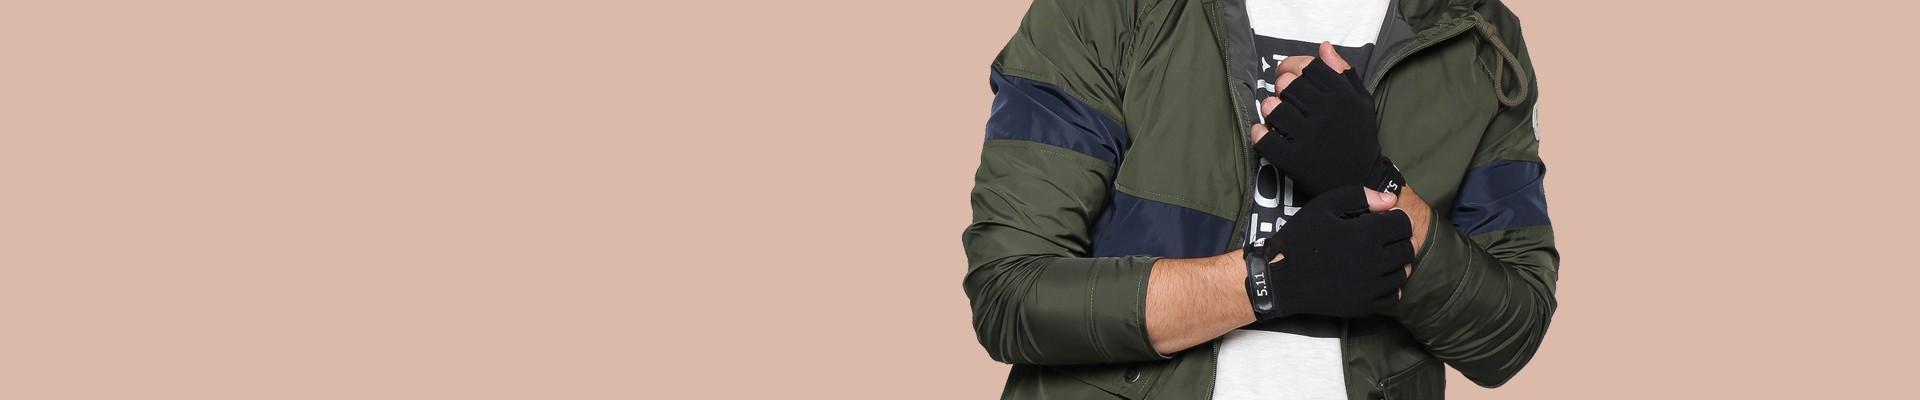 Jual Sarung Tangan Fashion Pria - Gloves Pria Online